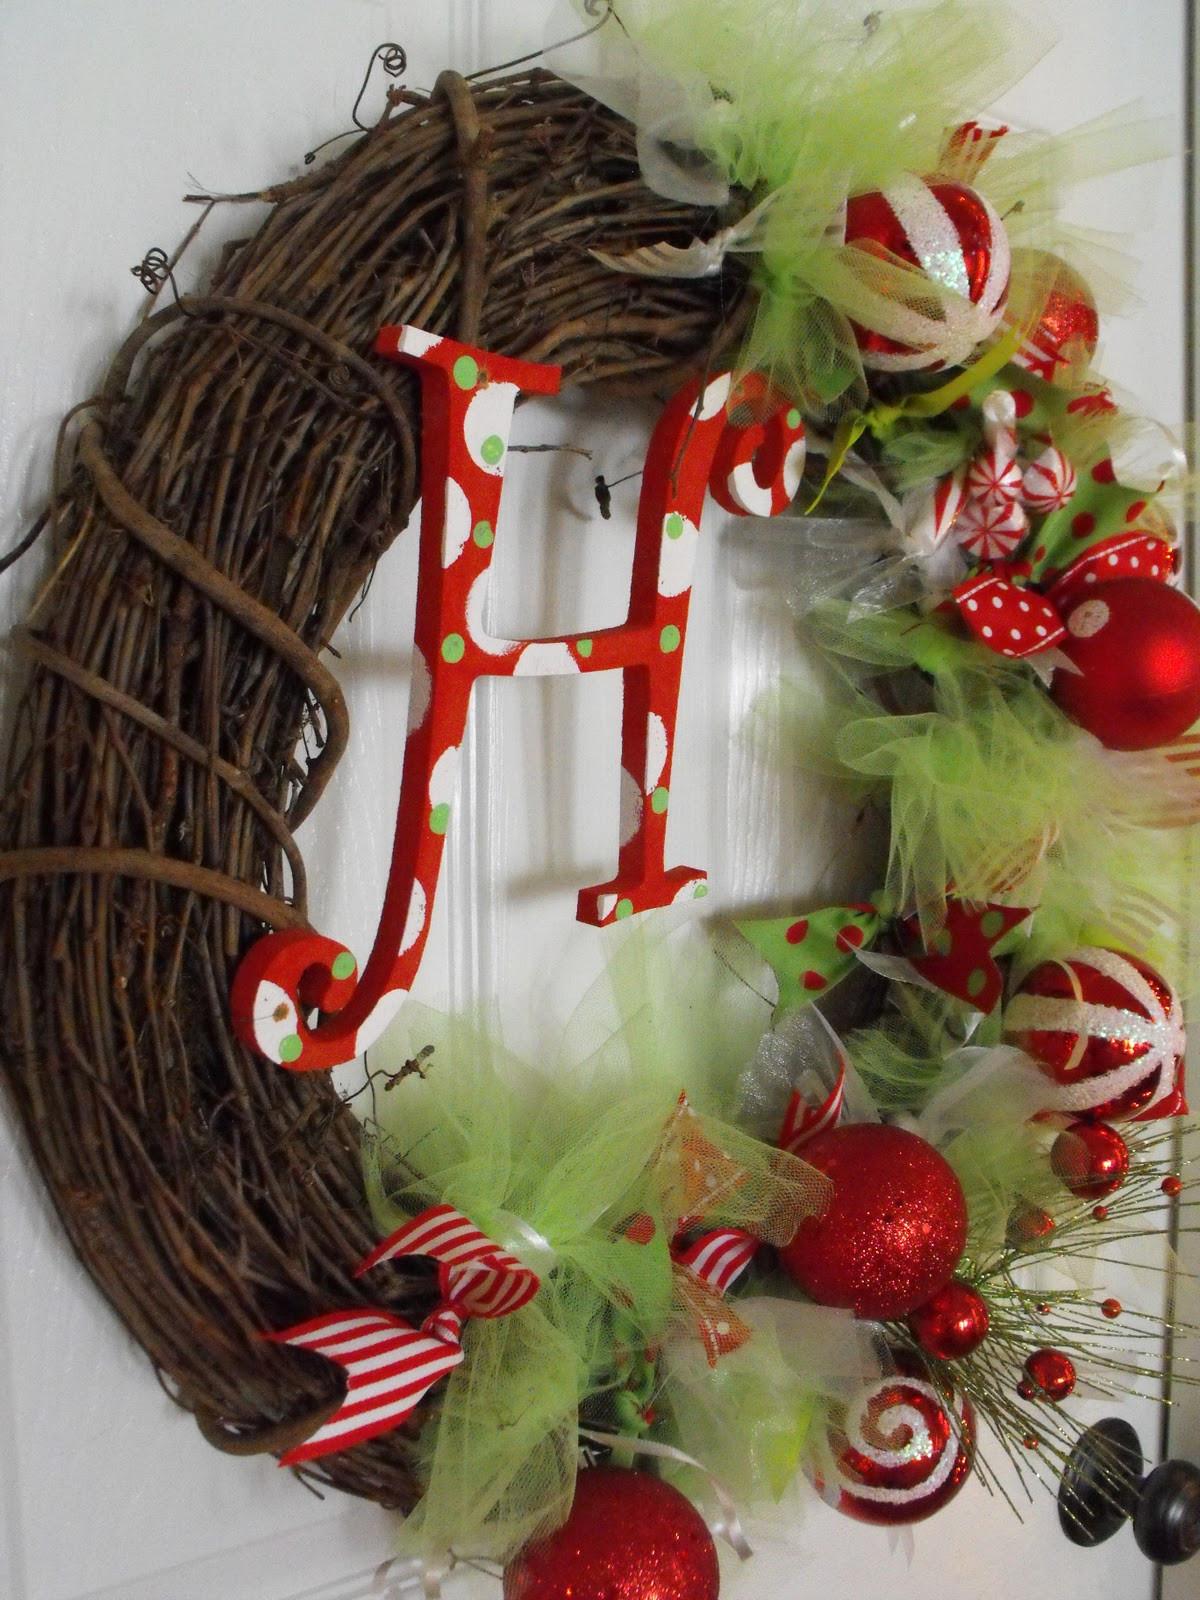 DIY Christmas Wreath Ideas  Susie Harris DIY Christmas Wreath